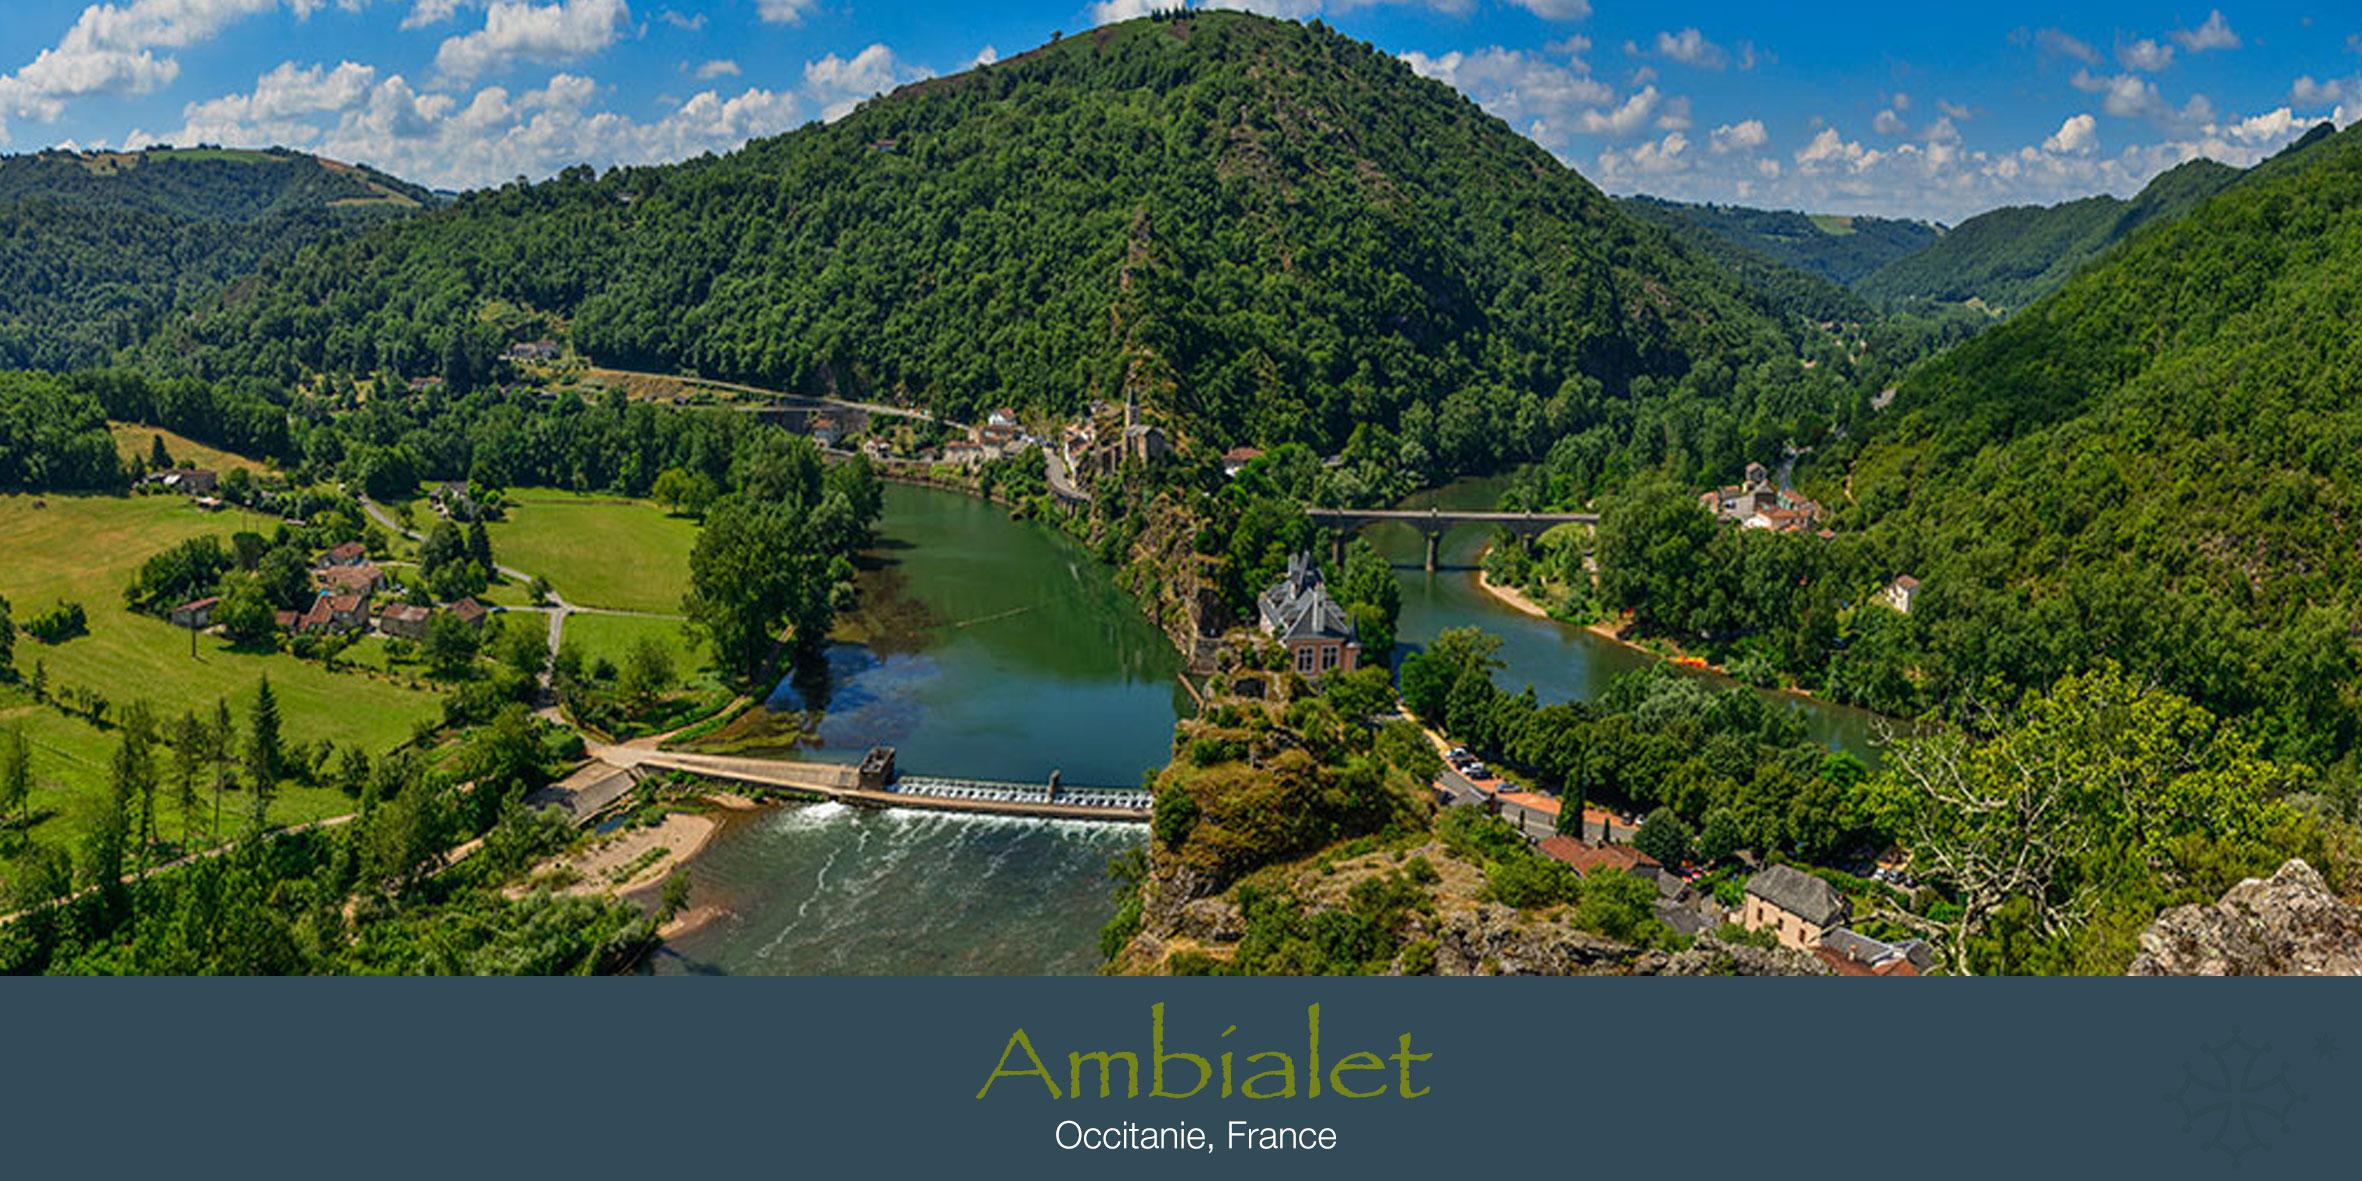 ambialet_postcards.jpg